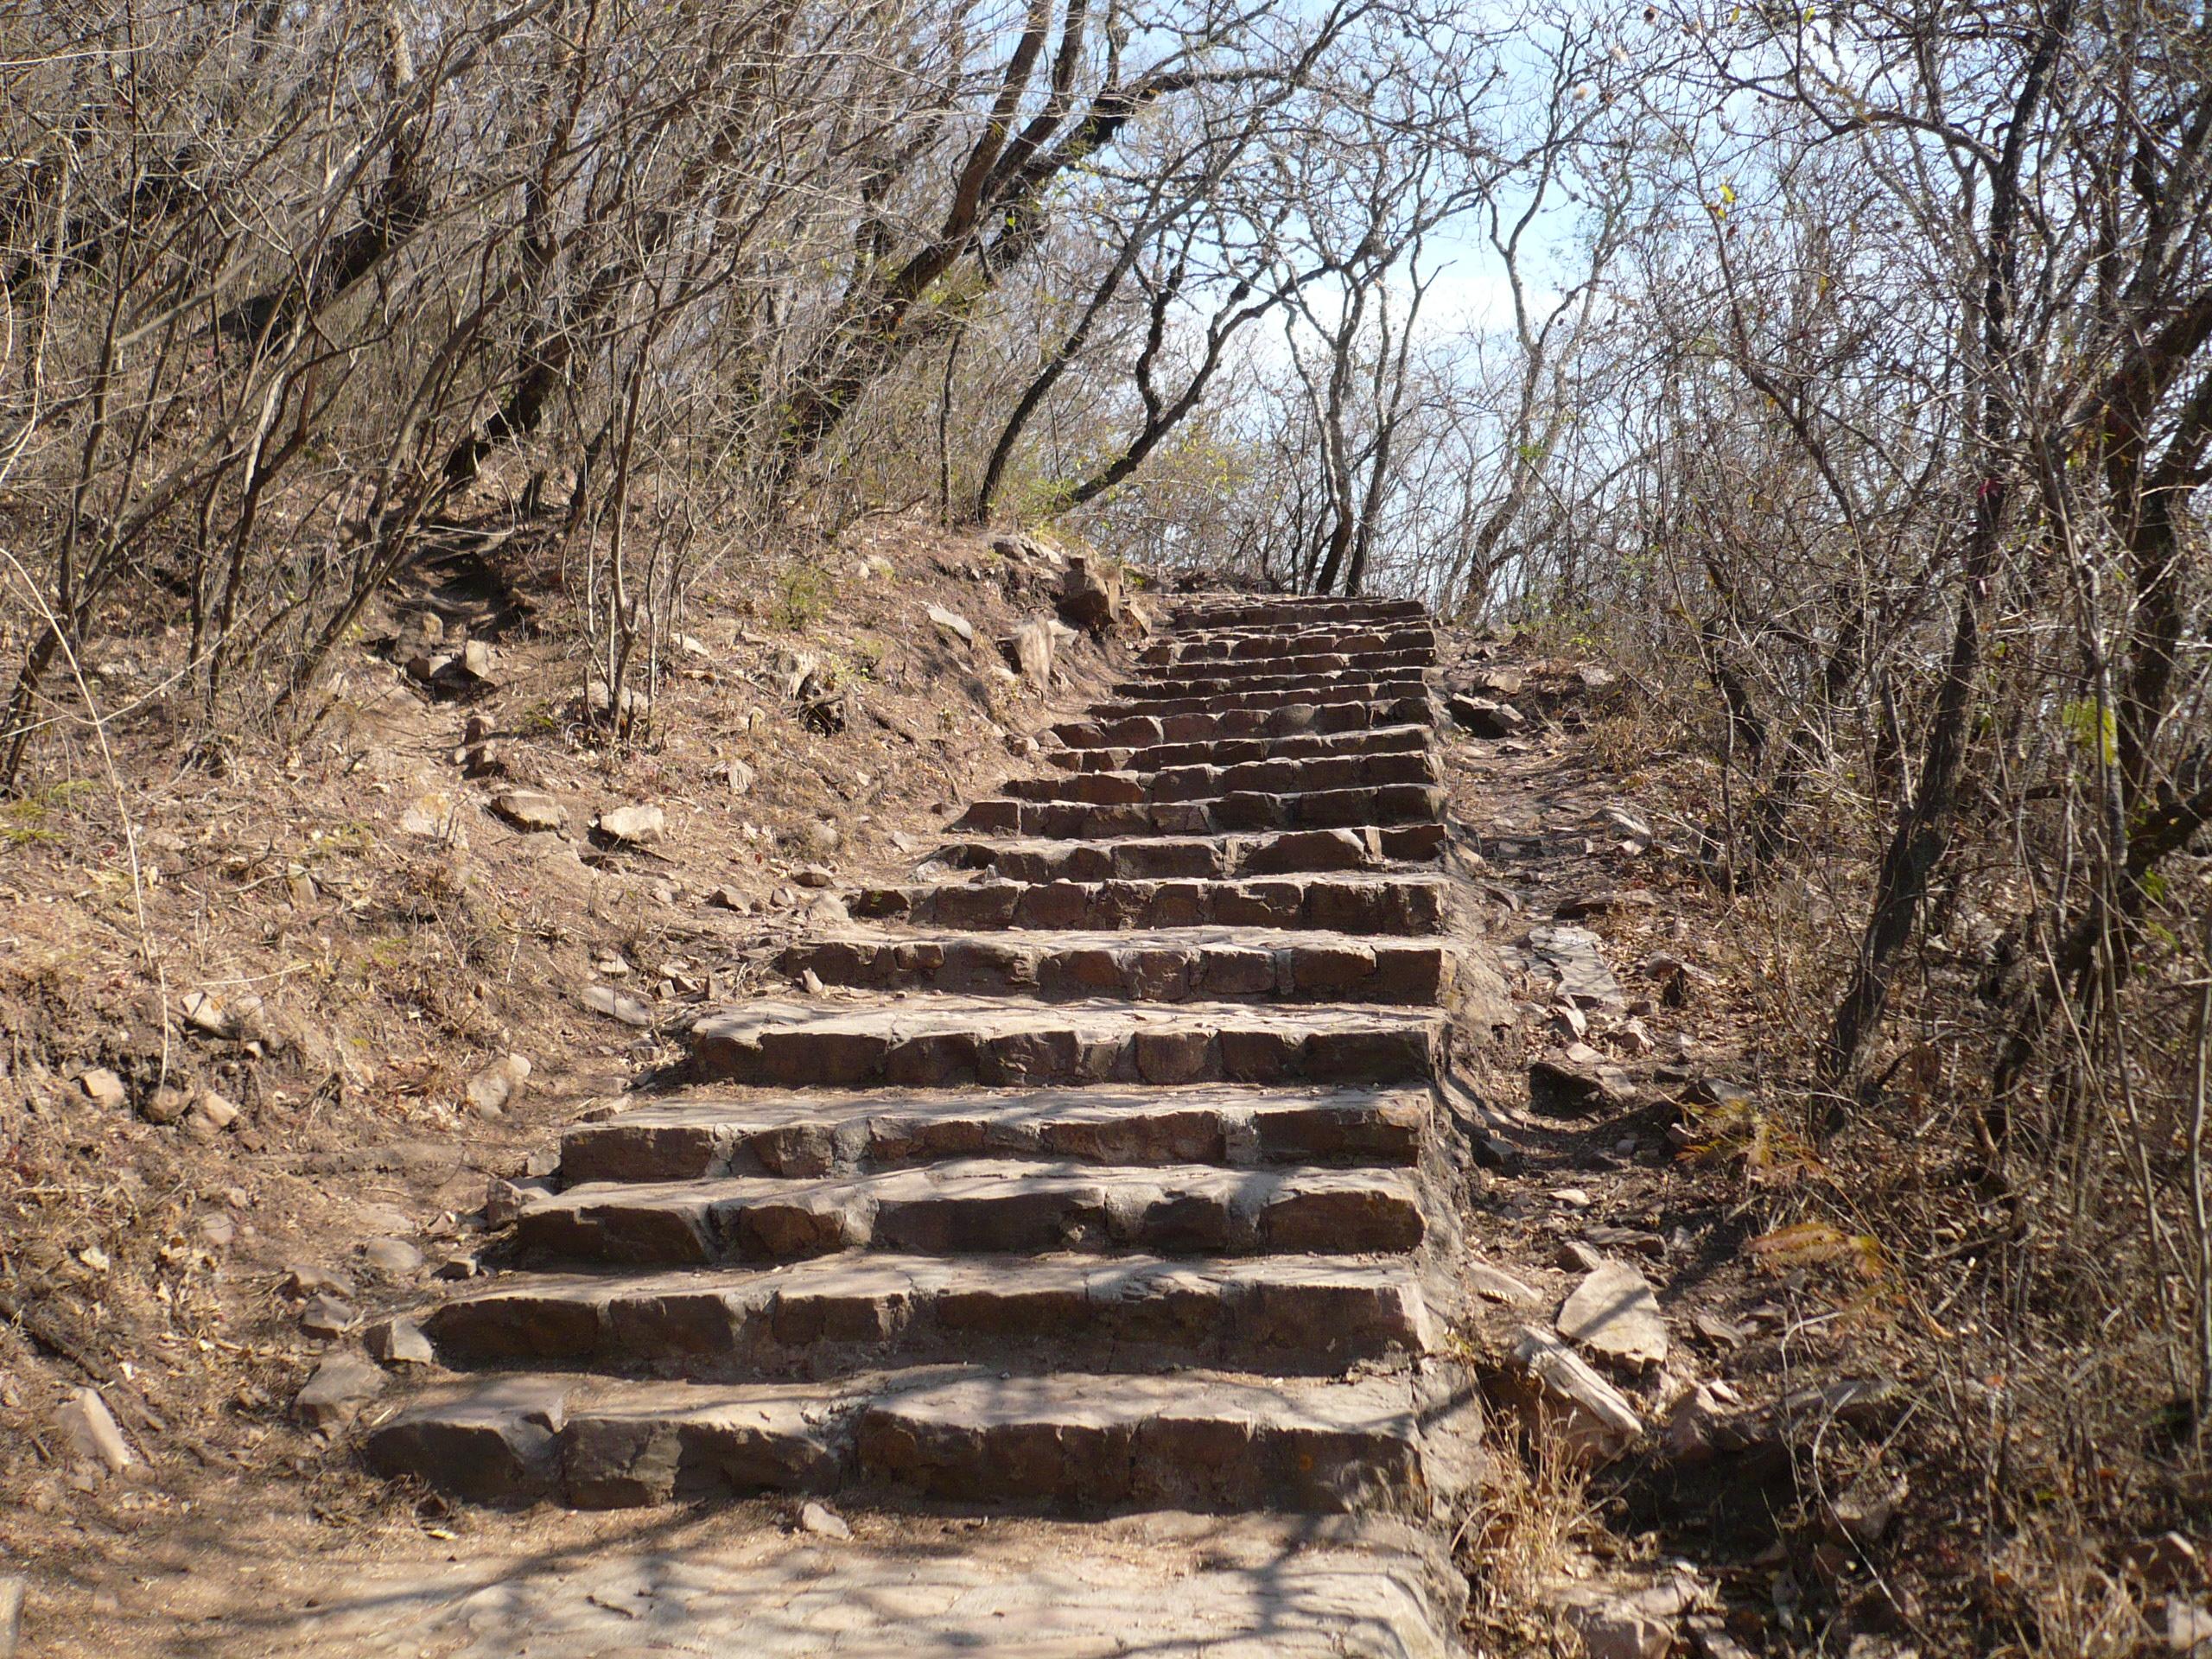 Un mayor de edad falleció subiendo al cerro